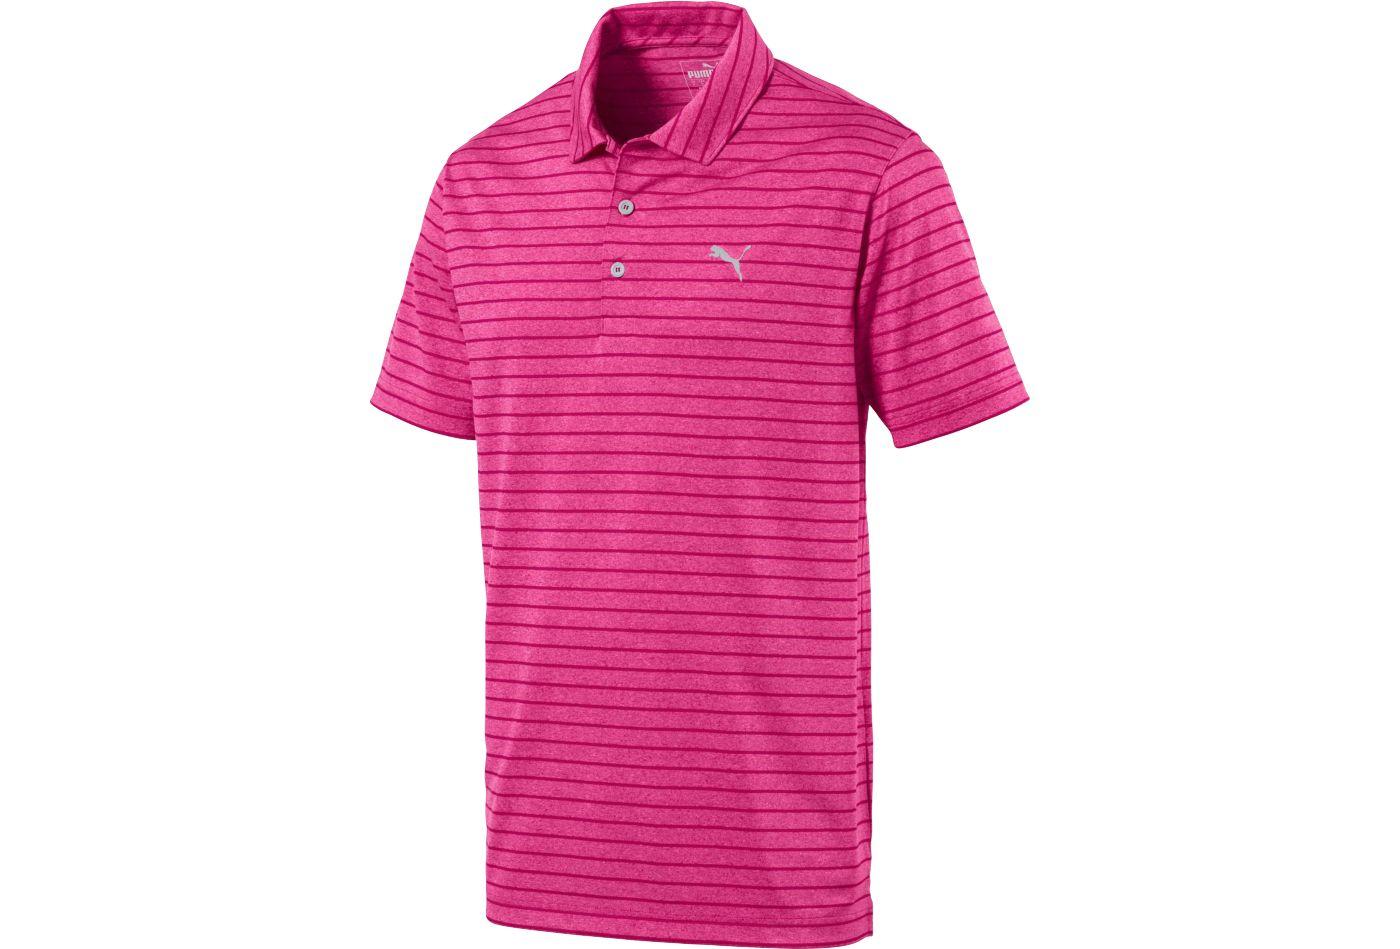 PUMA Men's Rotation Stripe Golf Polo